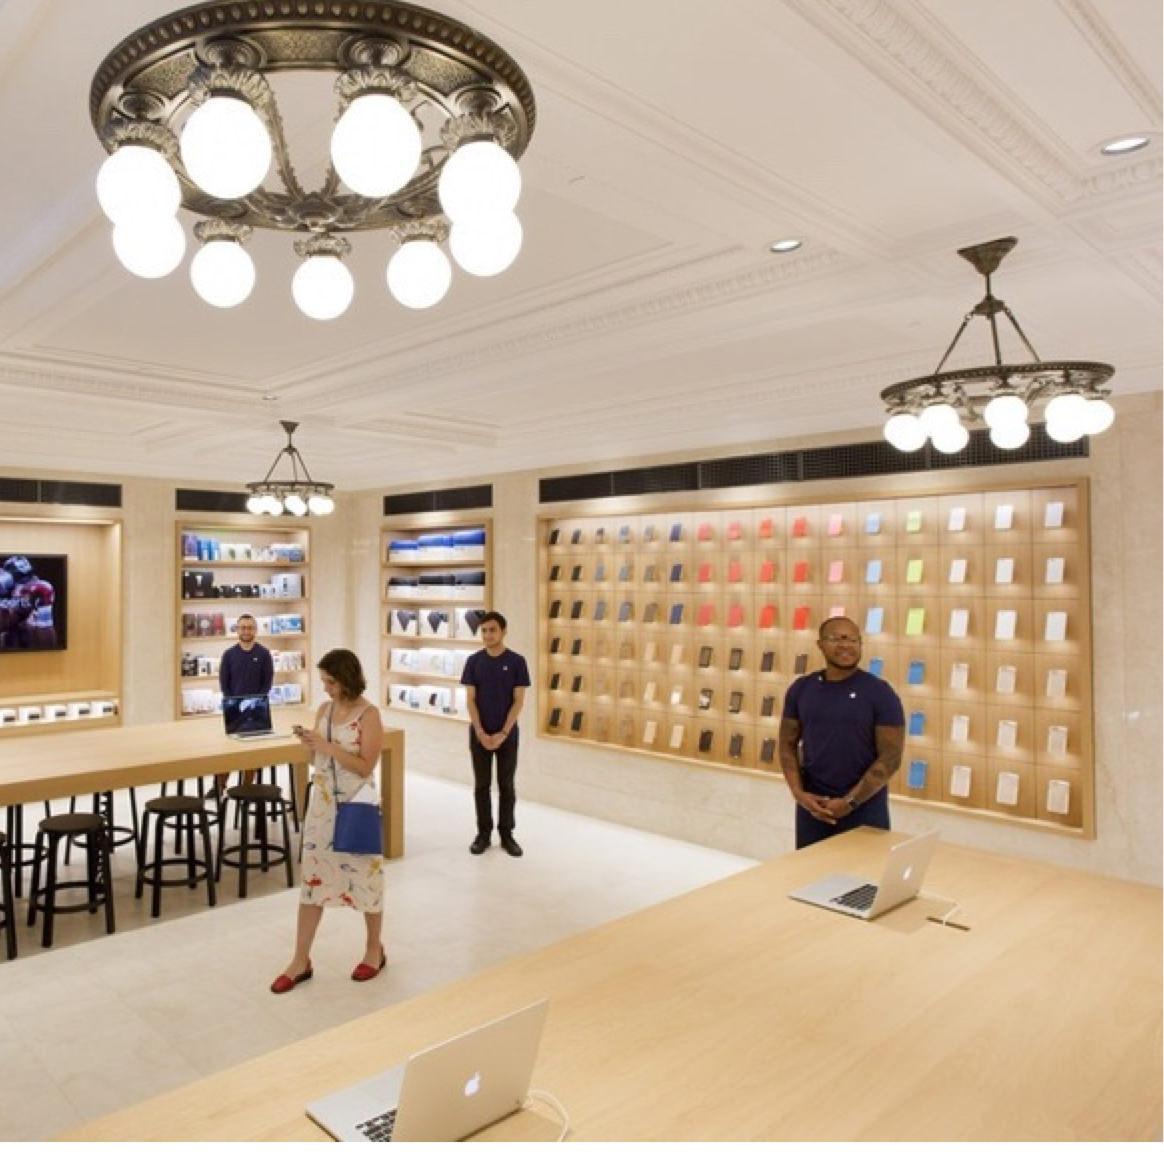 Apple avrà nei suoi negozi solo gli accessori di aziende che accettano di  avere imballi co-disegnati dal suo ufficio stile bf6b7da376f9